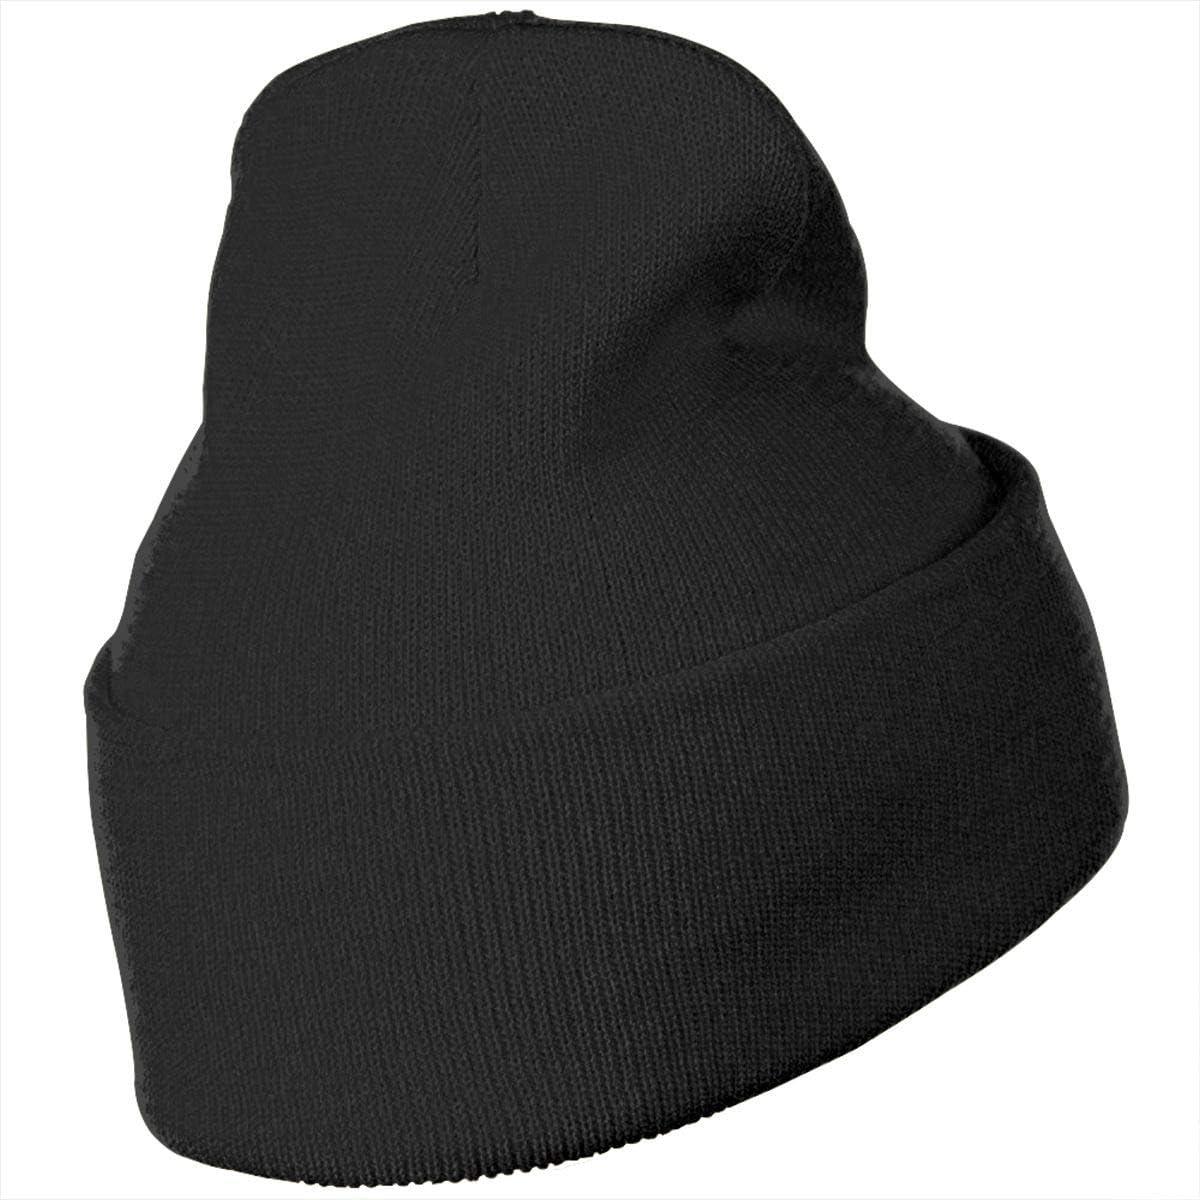 Xugui Birth of Venus Beanie Hat Unisex Soft Warm Cap Cycling Slouchy Hats